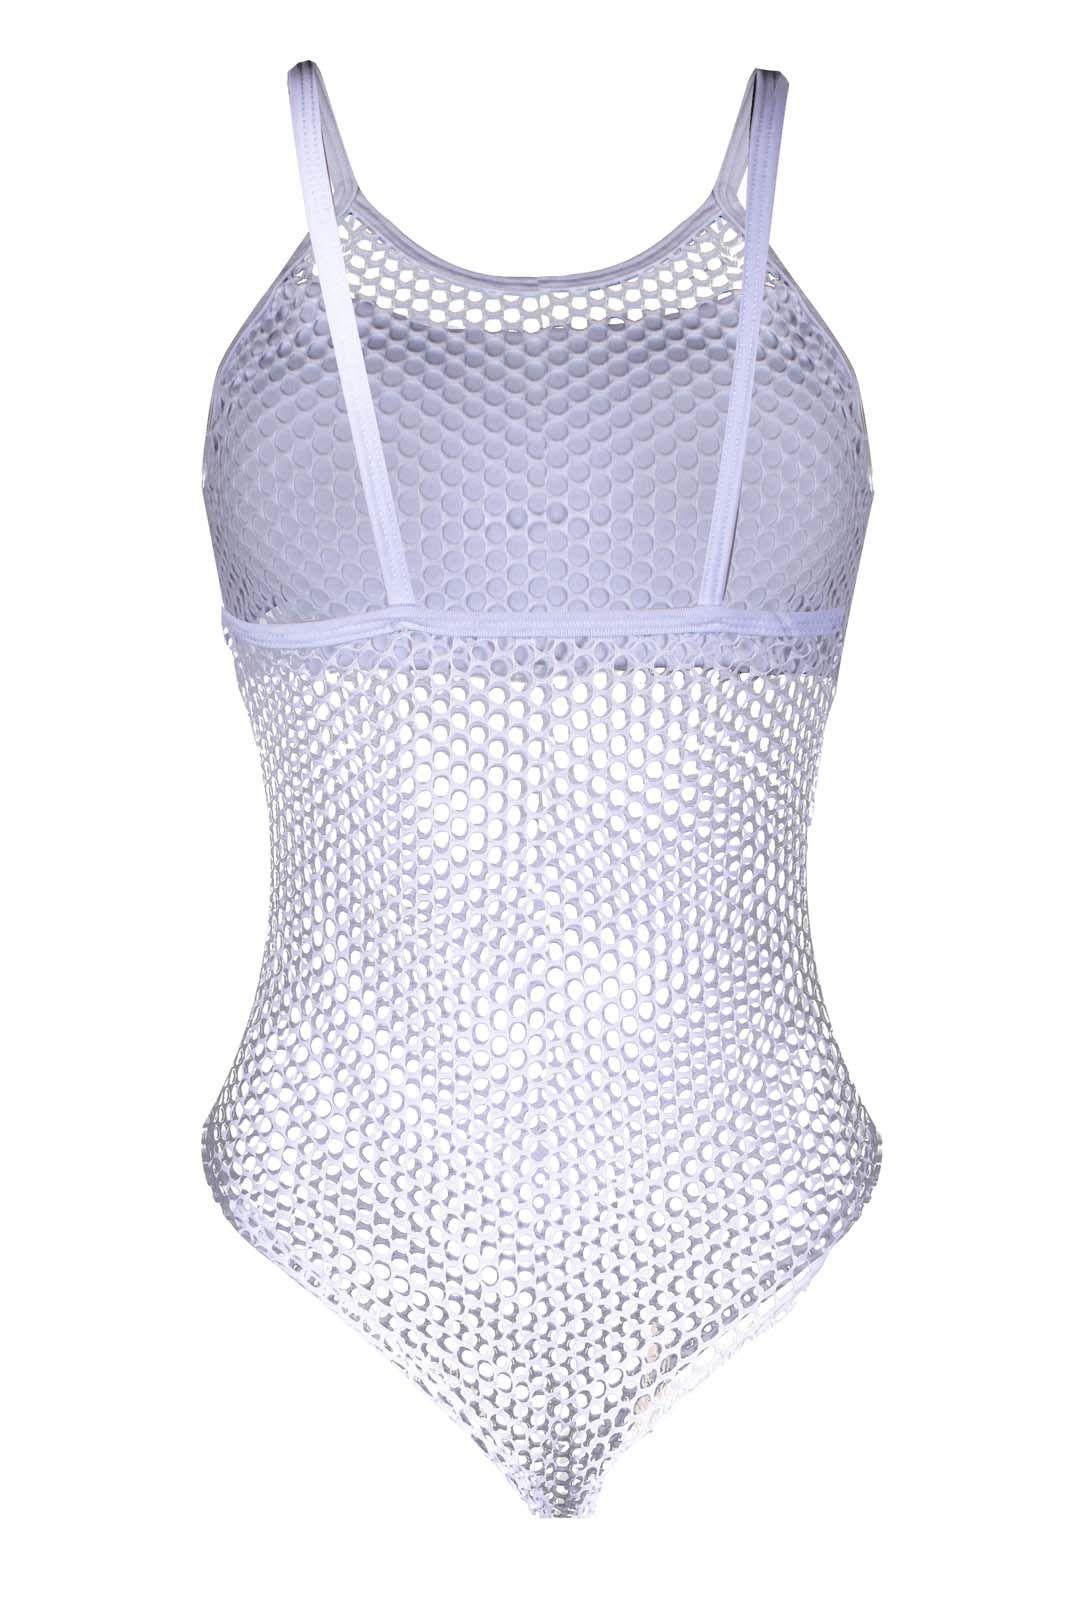 Body OutletDri Feminino Arrastão Furadinho Top Reto Branco